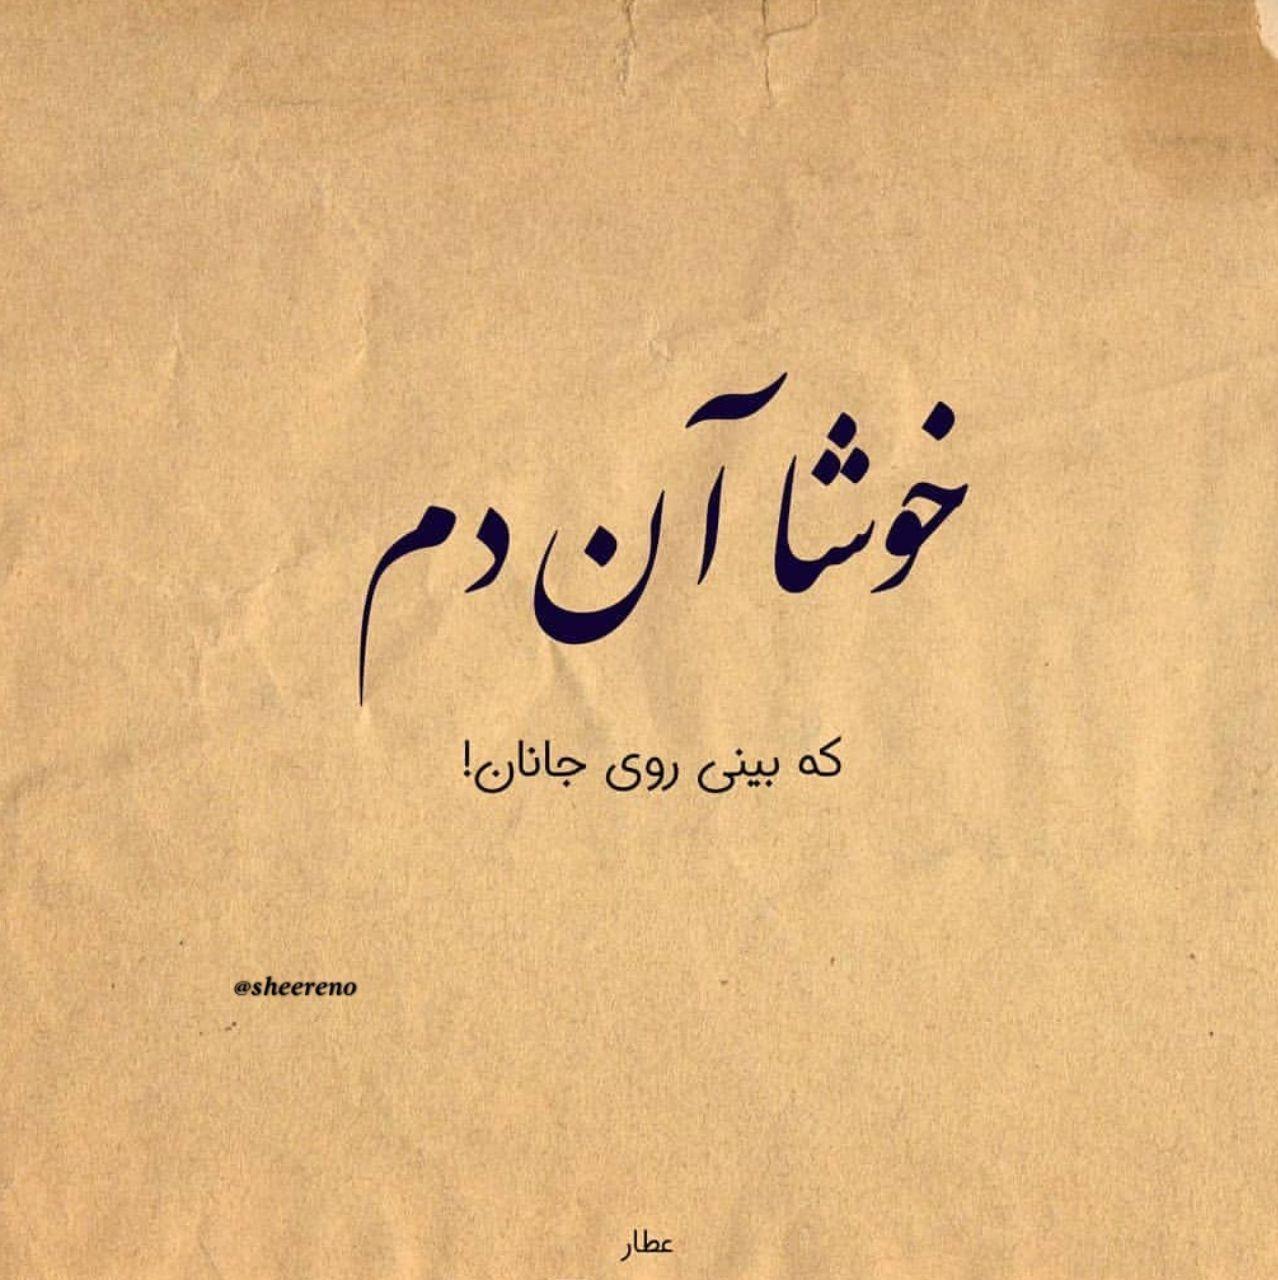 сегодня открытки на персидском одеяла